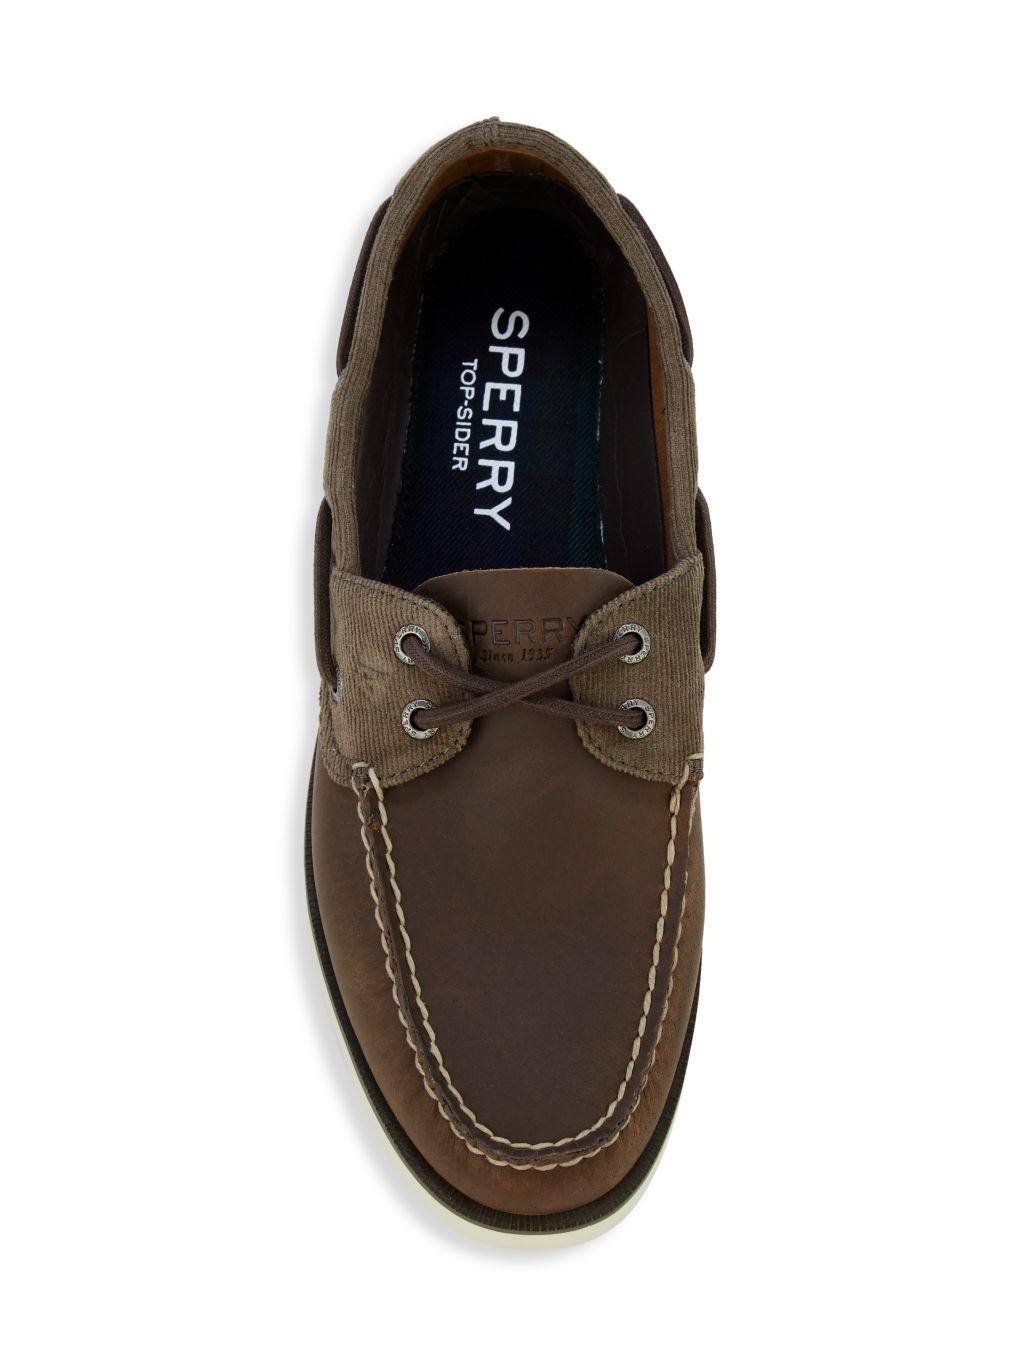 Sperry Leeward 2-Eye Leather Boat Shoes